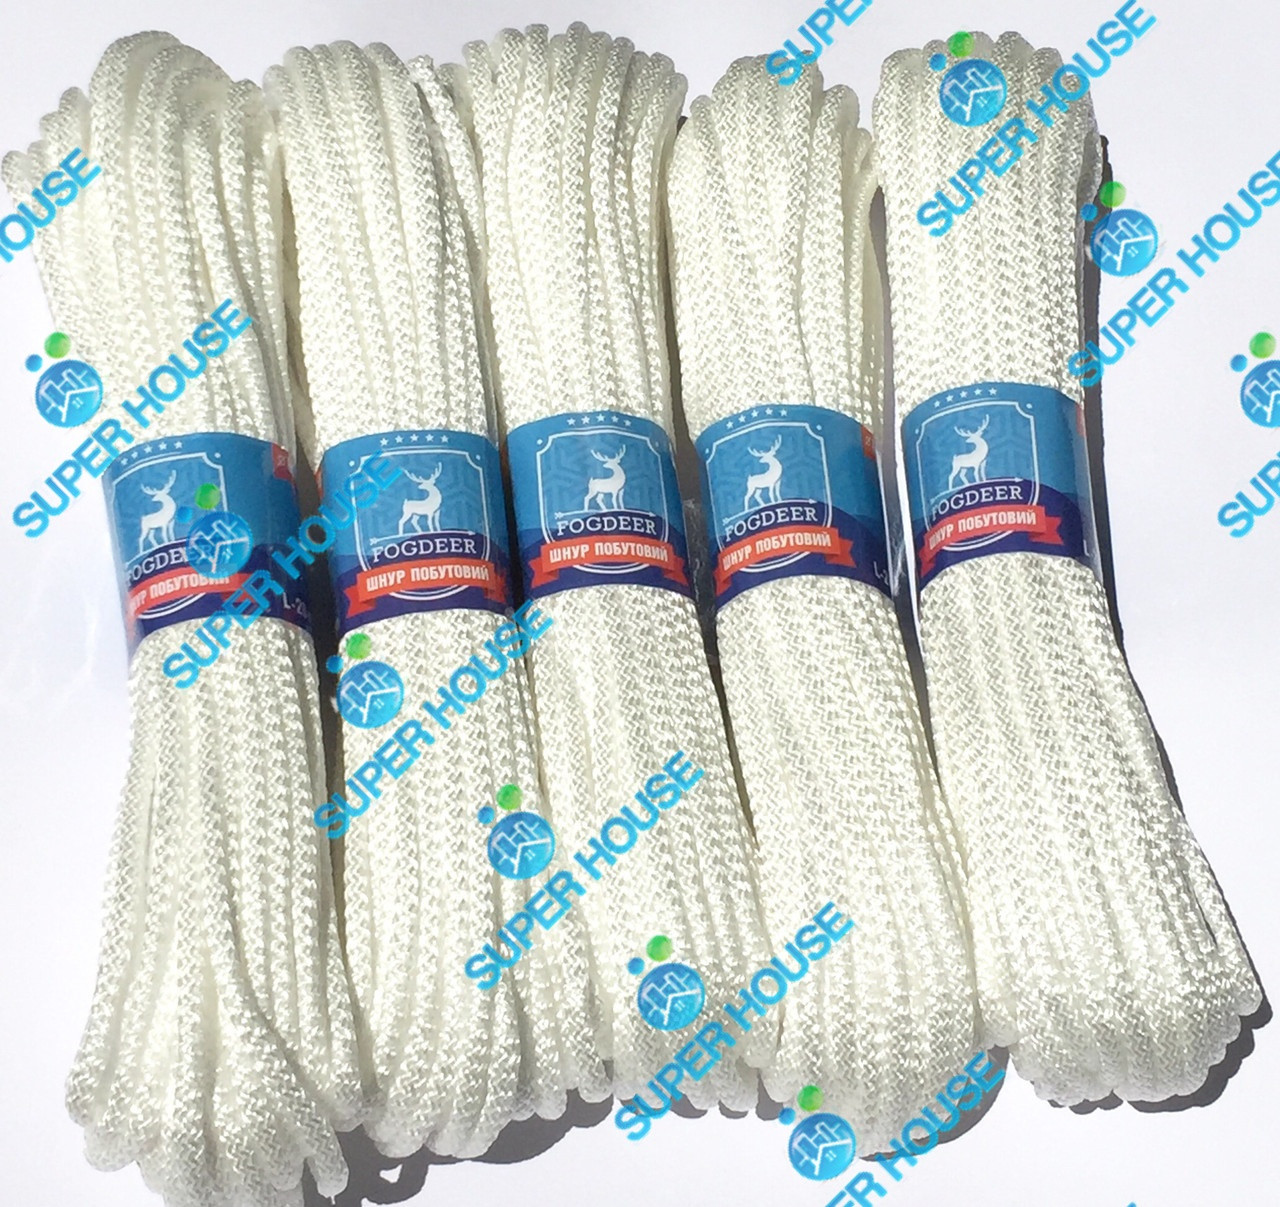 Шнур бытовой полипропиленовый вязаный. Диаметр 6 мм, длинна 20 м, набор из 5 белых.